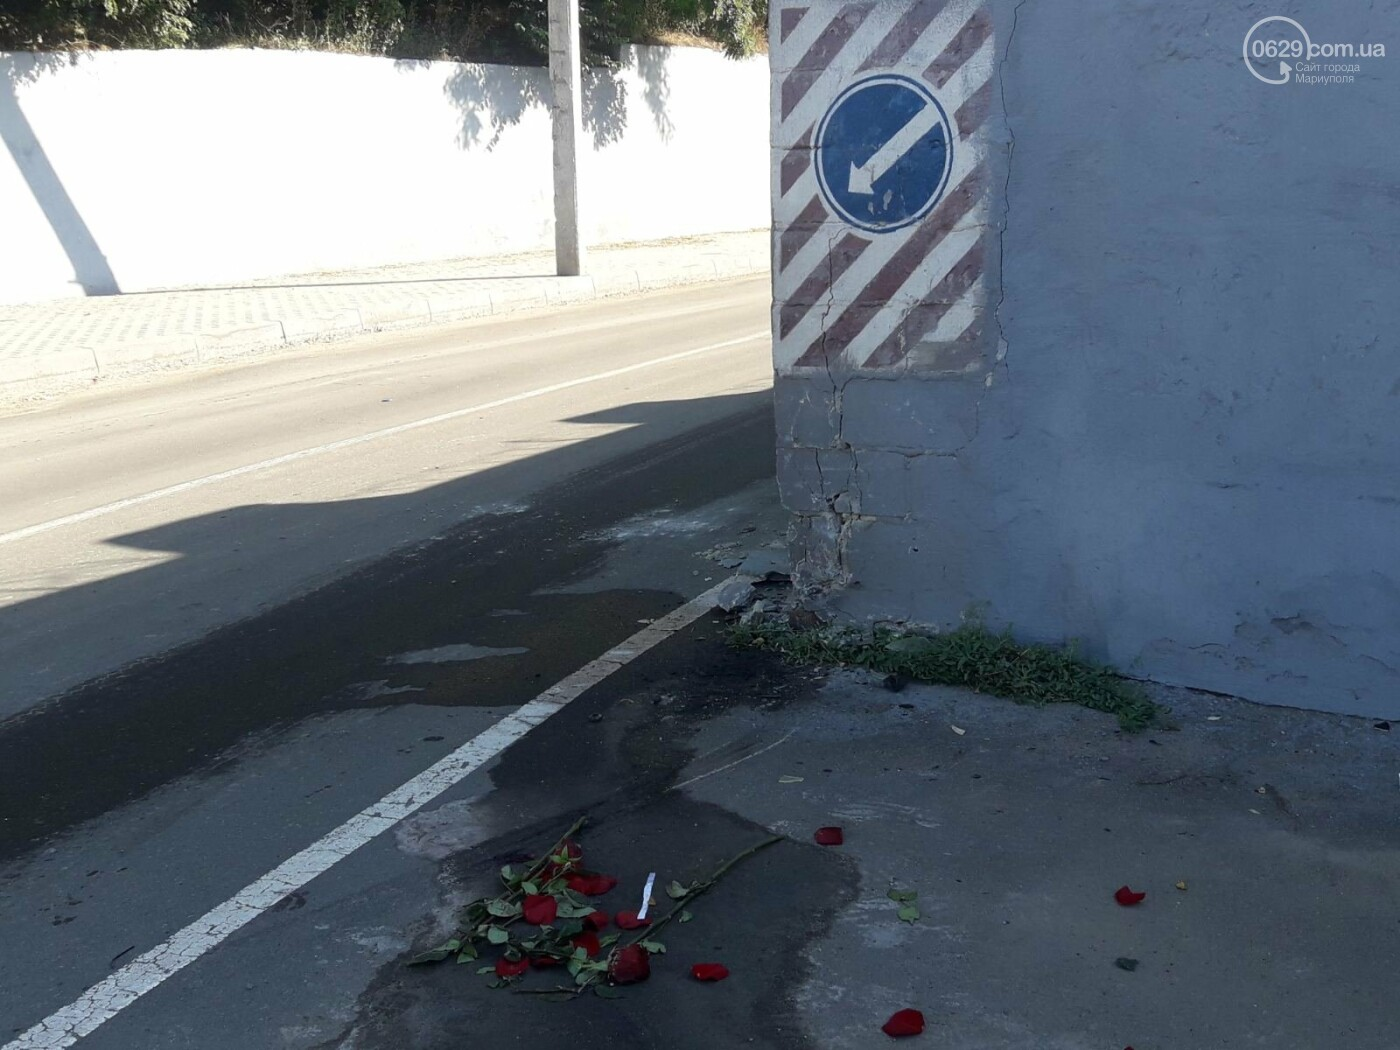 """На рассвете в Мариуполе """"Хонда"""" влетела в забор порта. Четверо пострадавших, - ФОТО, фото-5"""